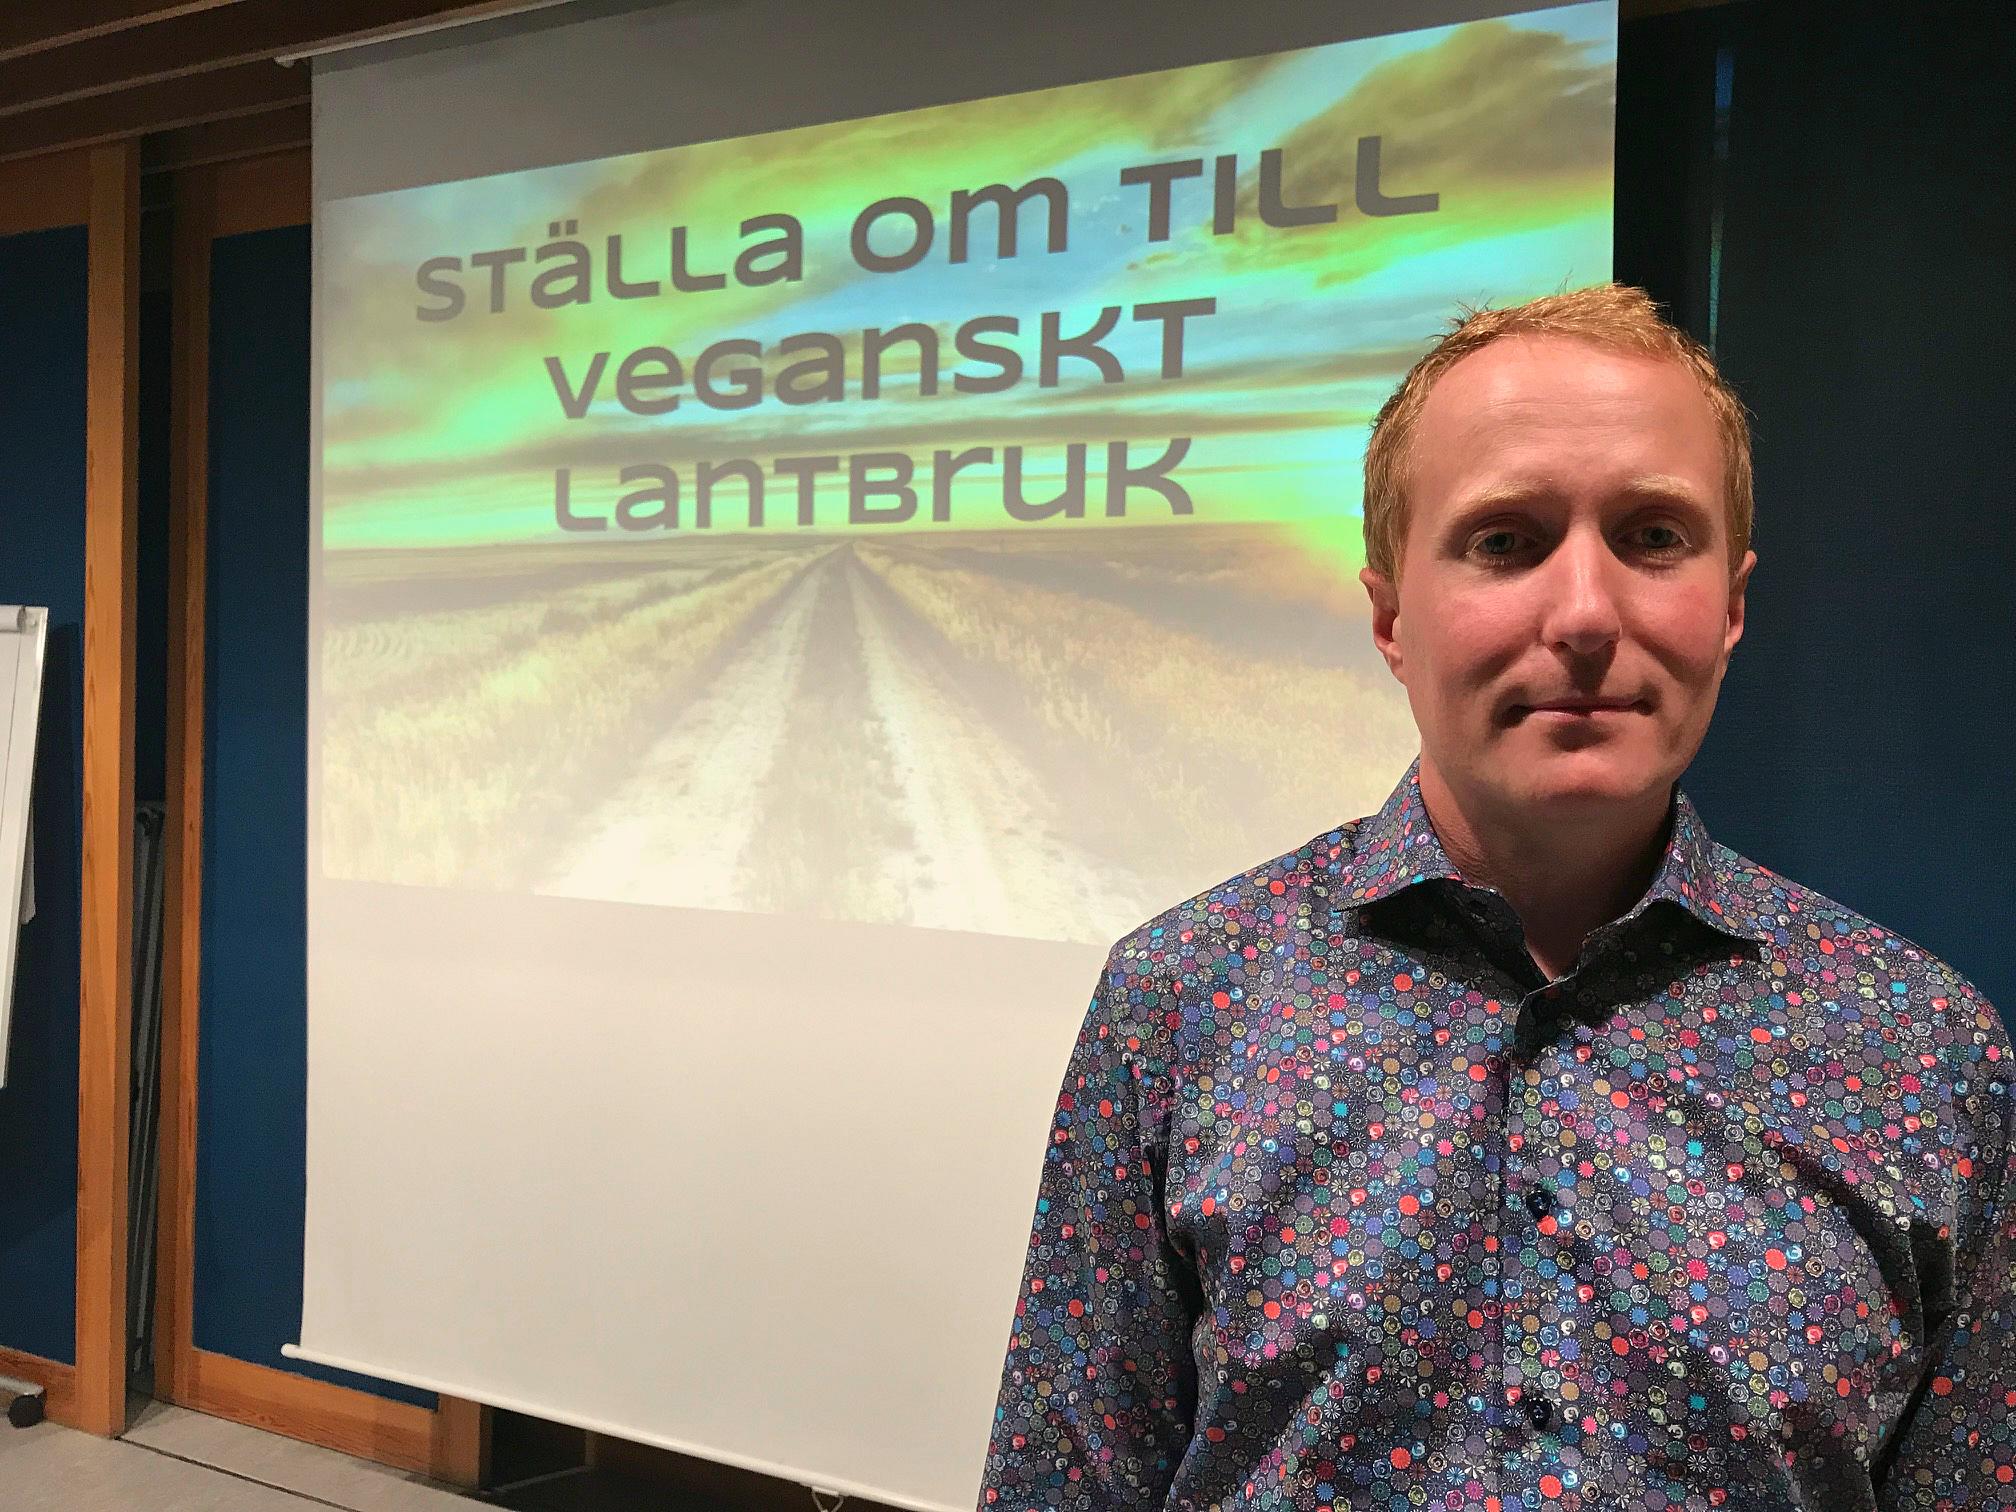 Gustaf Söderfeldt